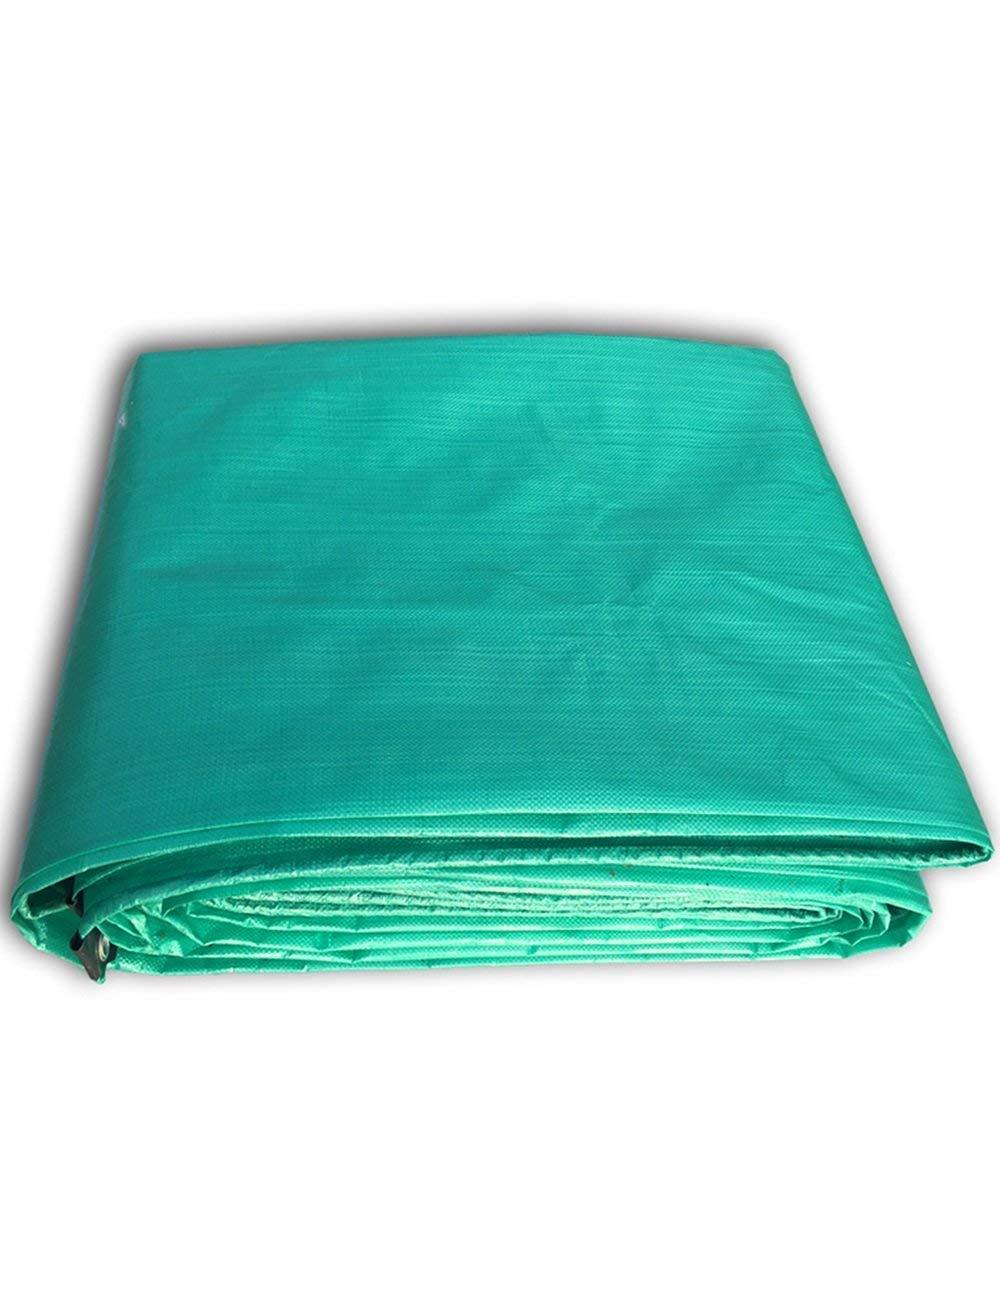 Fonly Grüne Wasserdichte Plane-Abdeckung Verdicken Plane-Zelt-kampierende Hochleistungs-Schatten-Plane